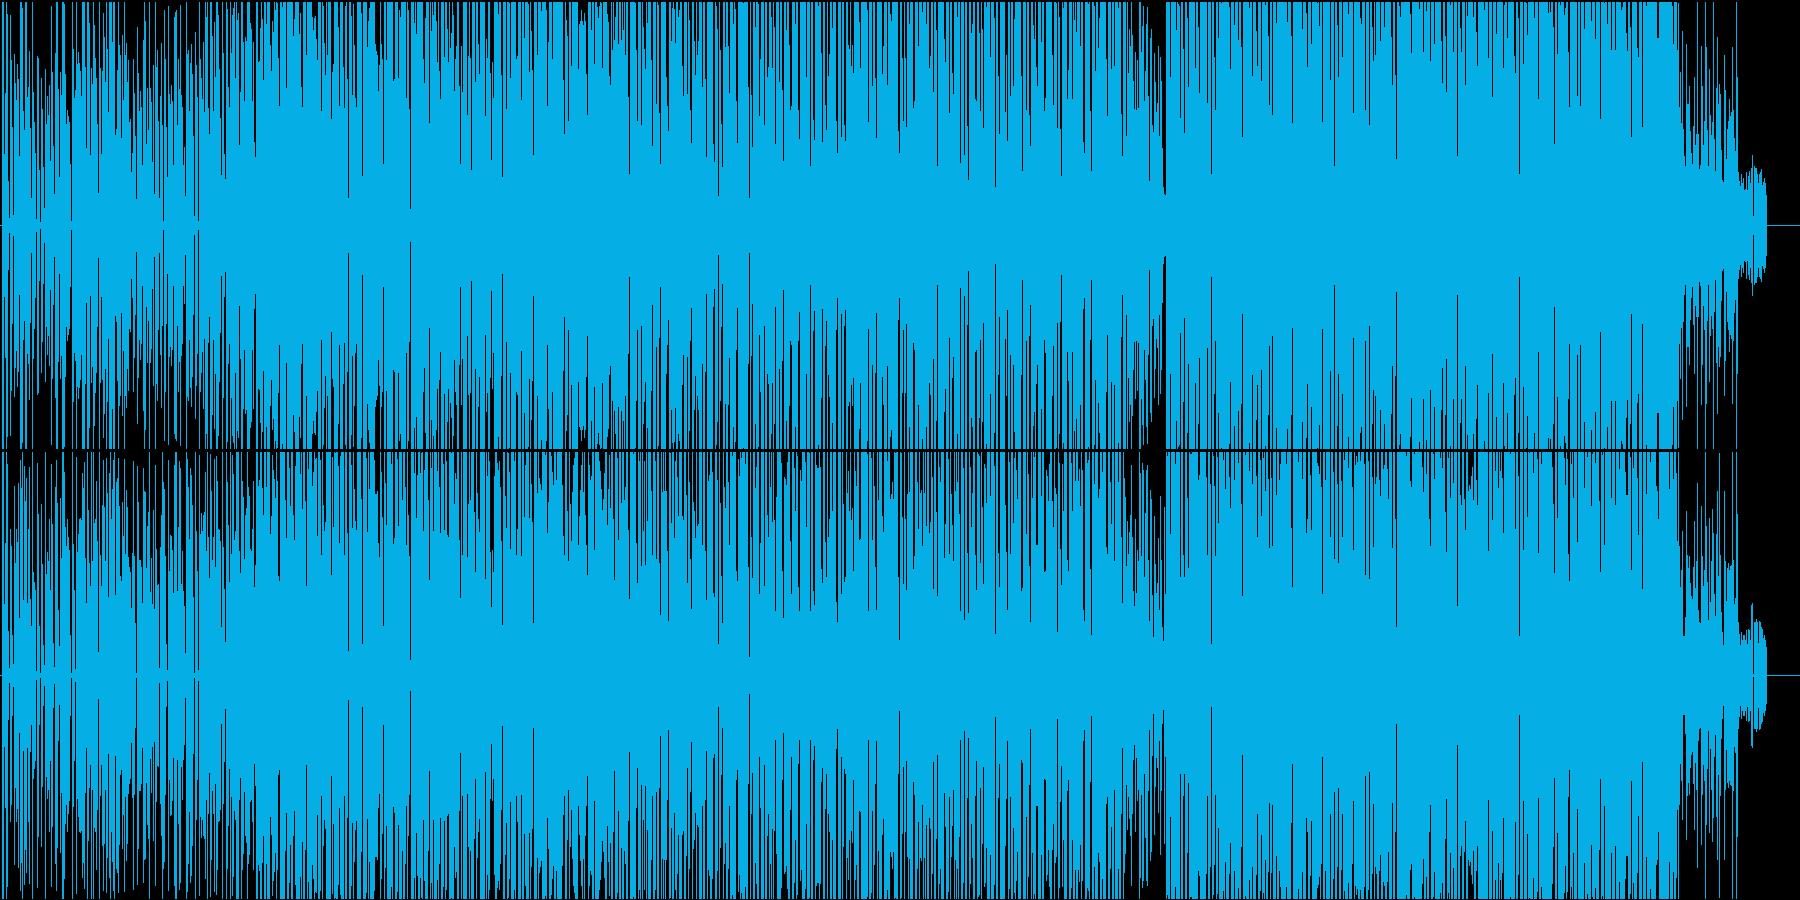 おしゃれでテンポ感のある電子音楽の再生済みの波形